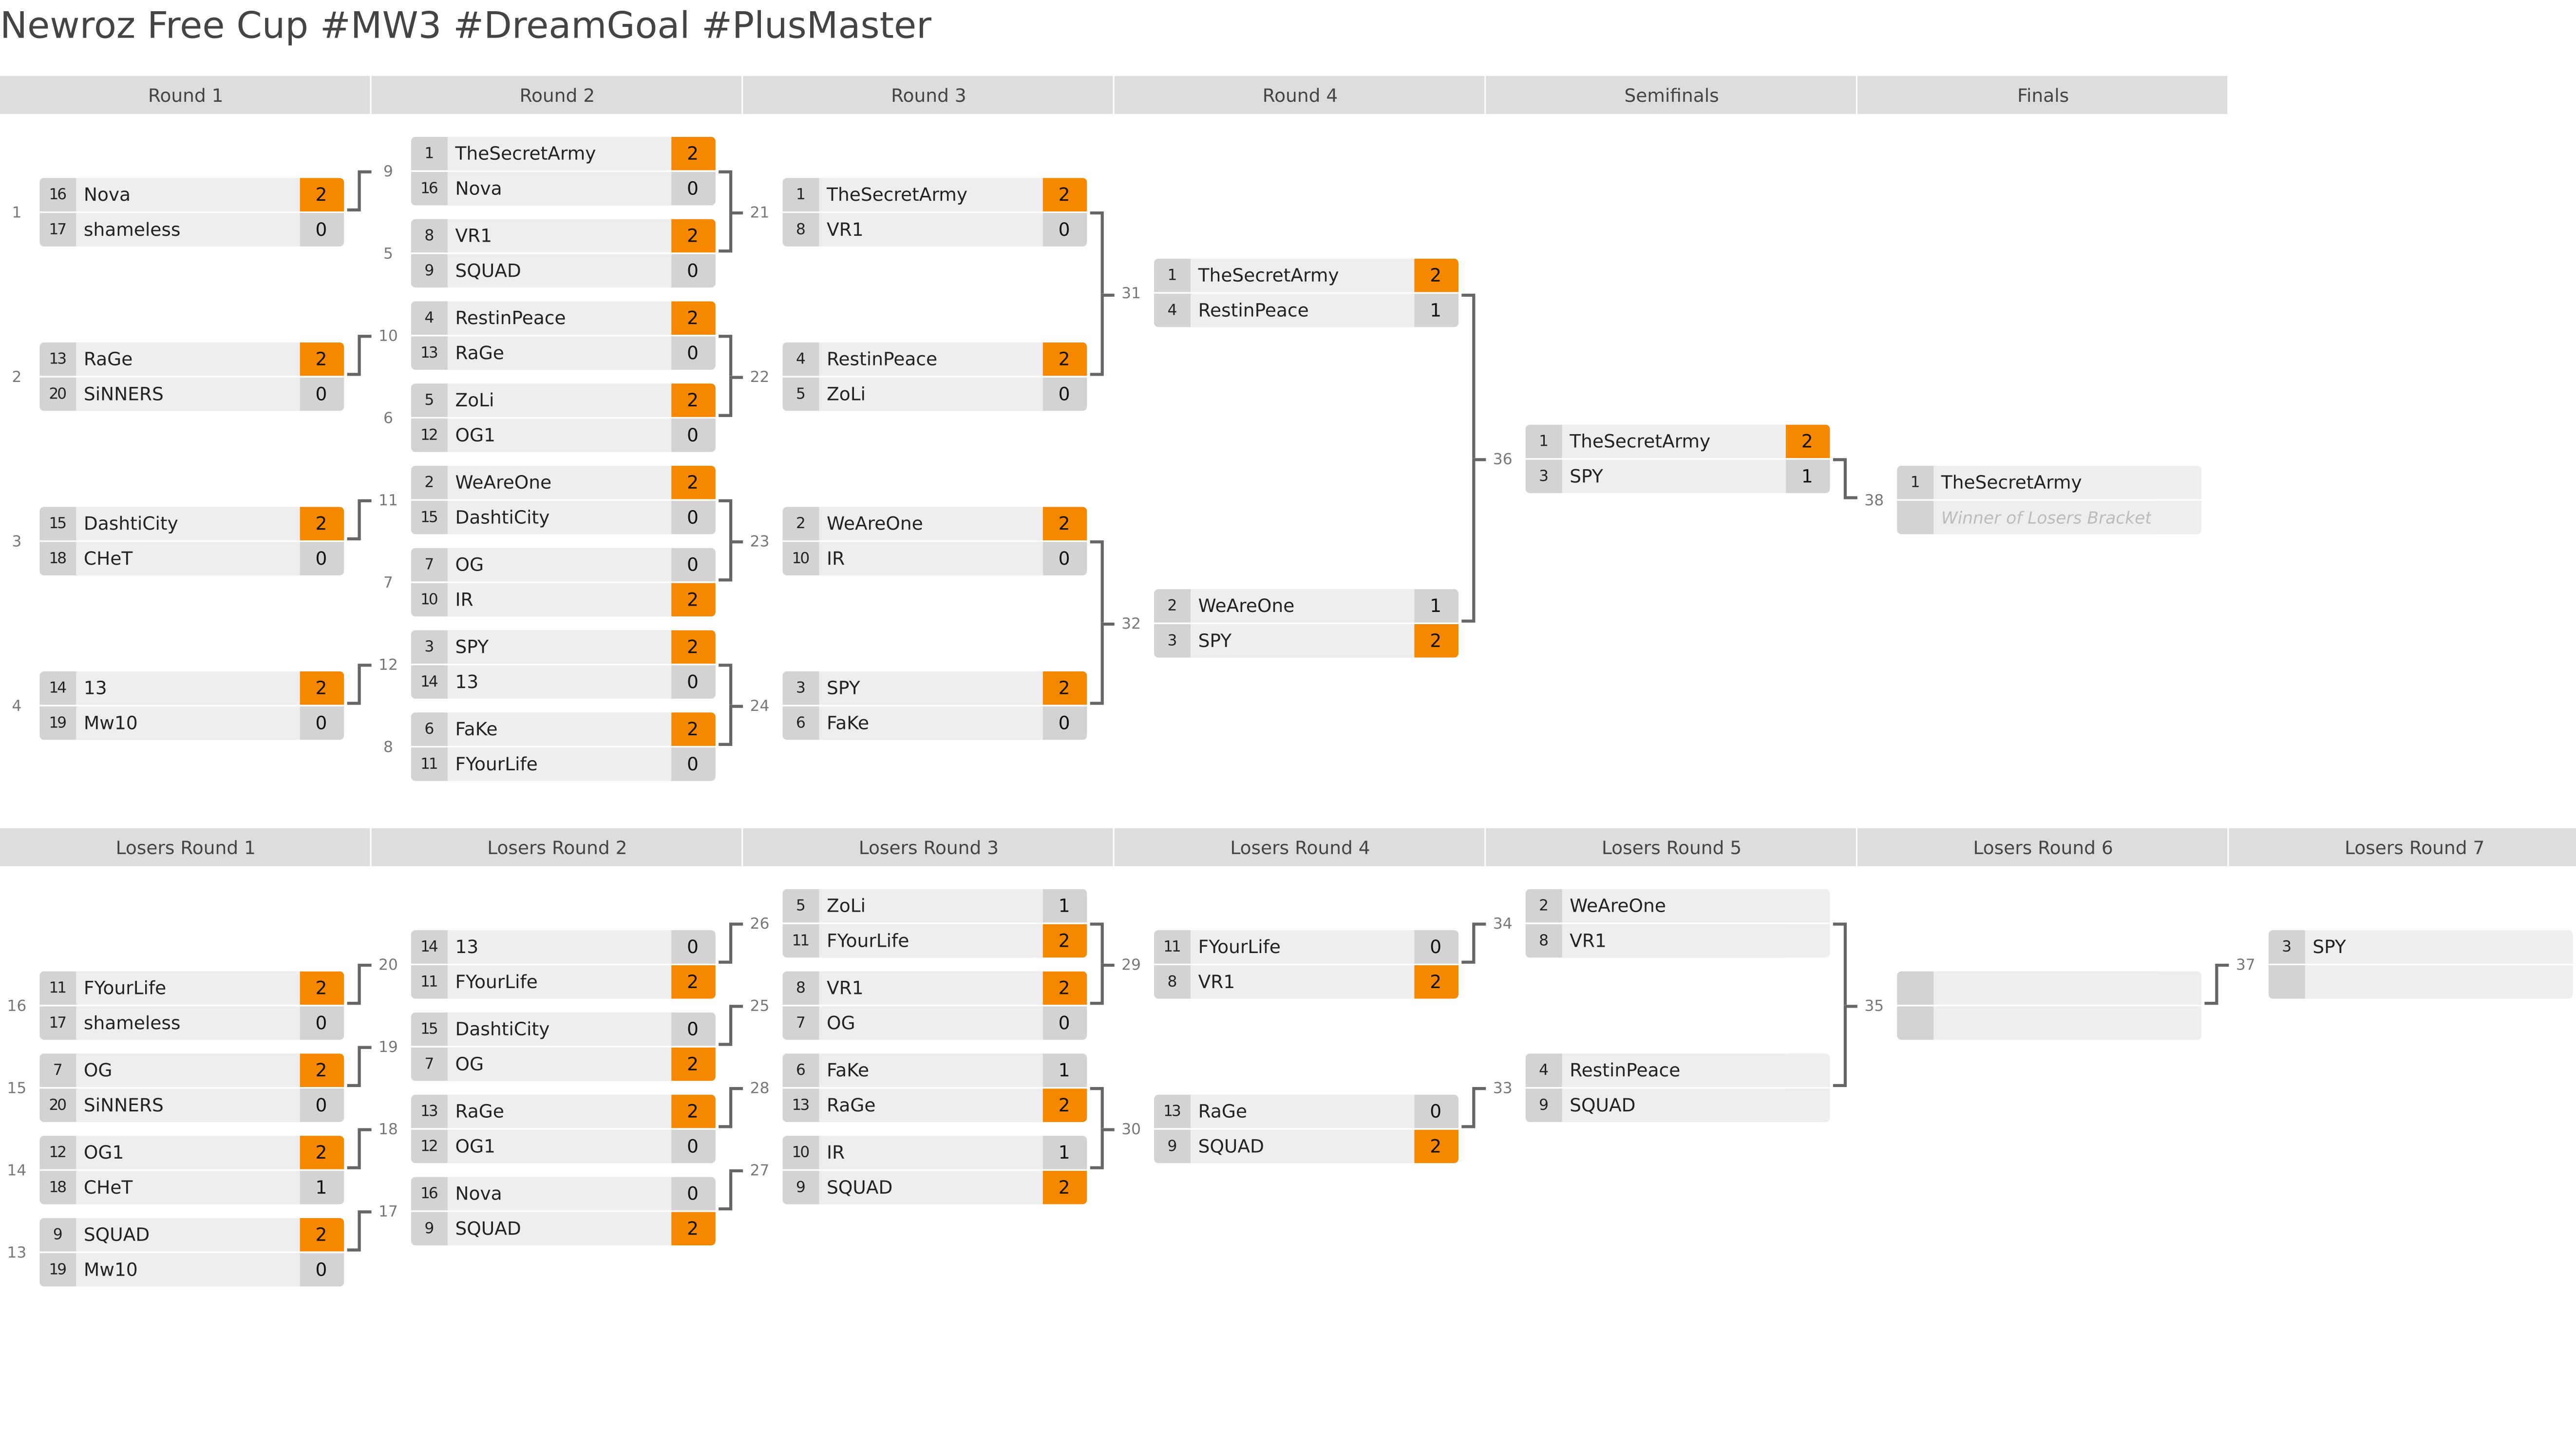 نمایش مرحله حذفی مسابقات NewRoz Free Cup #MW3